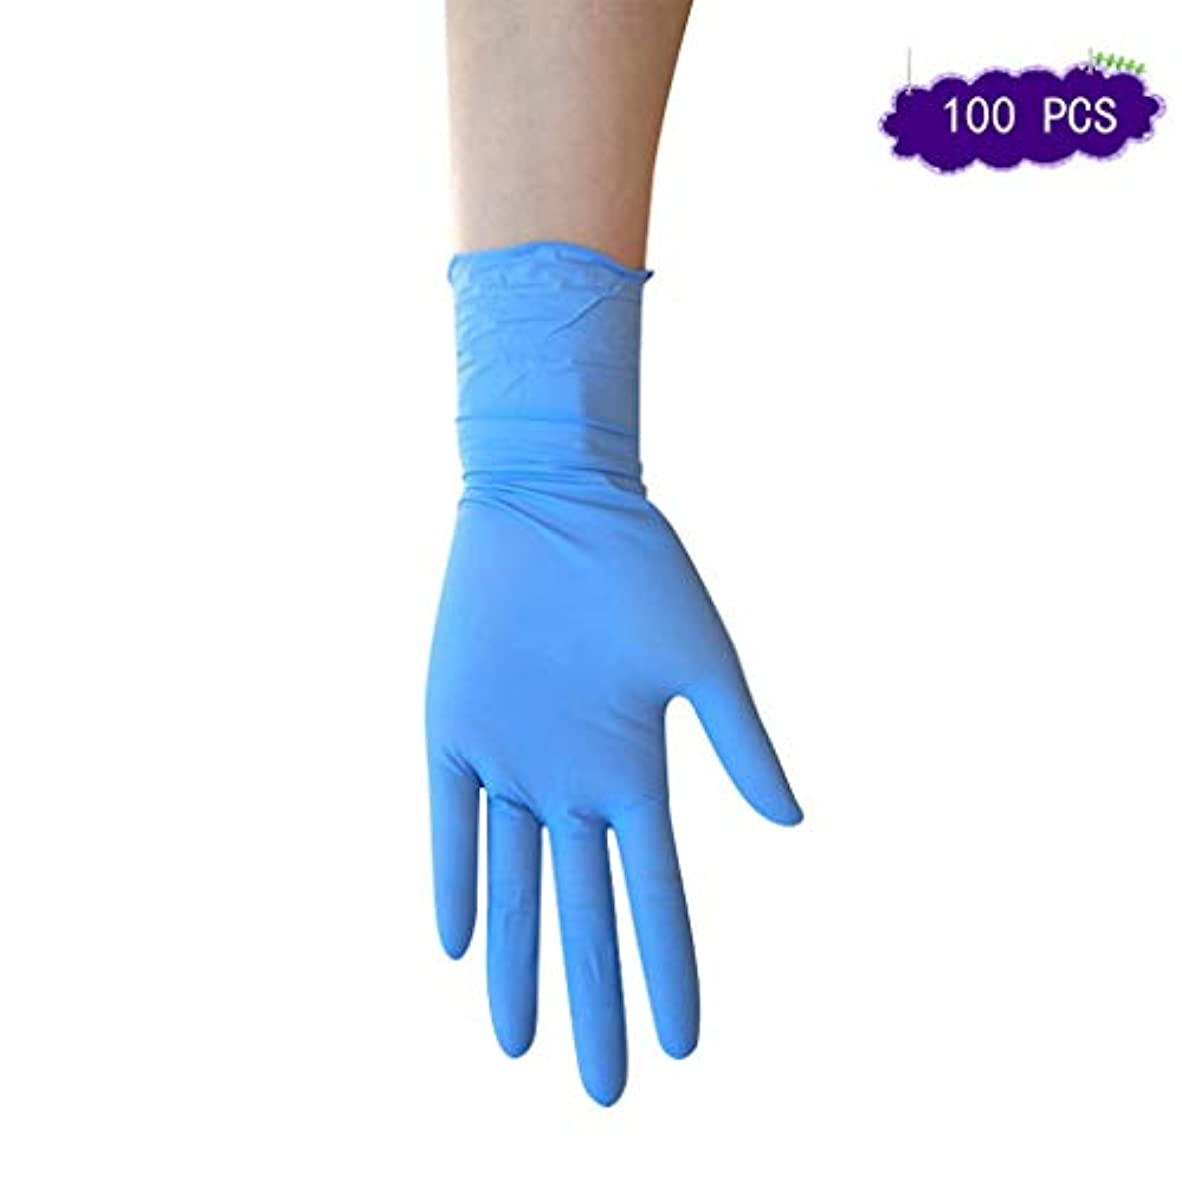 インチ特定の先史時代の使い捨てラテックス手袋ニトリル低温保護医療滅菌手袋9インチブルースキッド手袋なしパウダー (Color : 9 inch, Size : S)